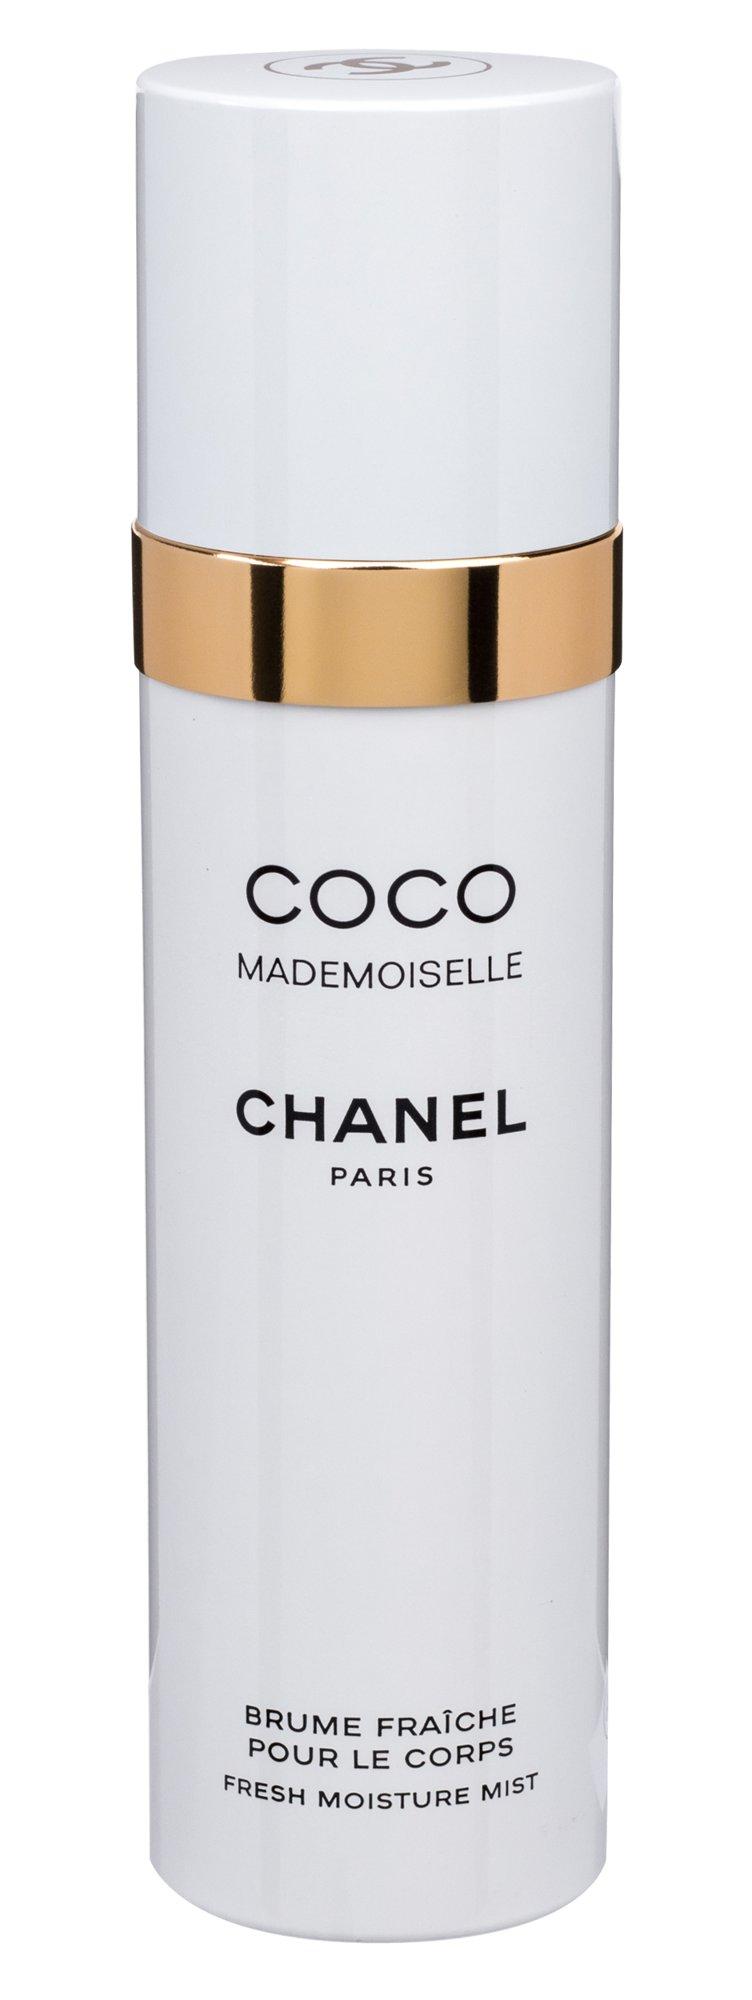 Chanel Coco Mademoiselle, Telový sprej 100ml